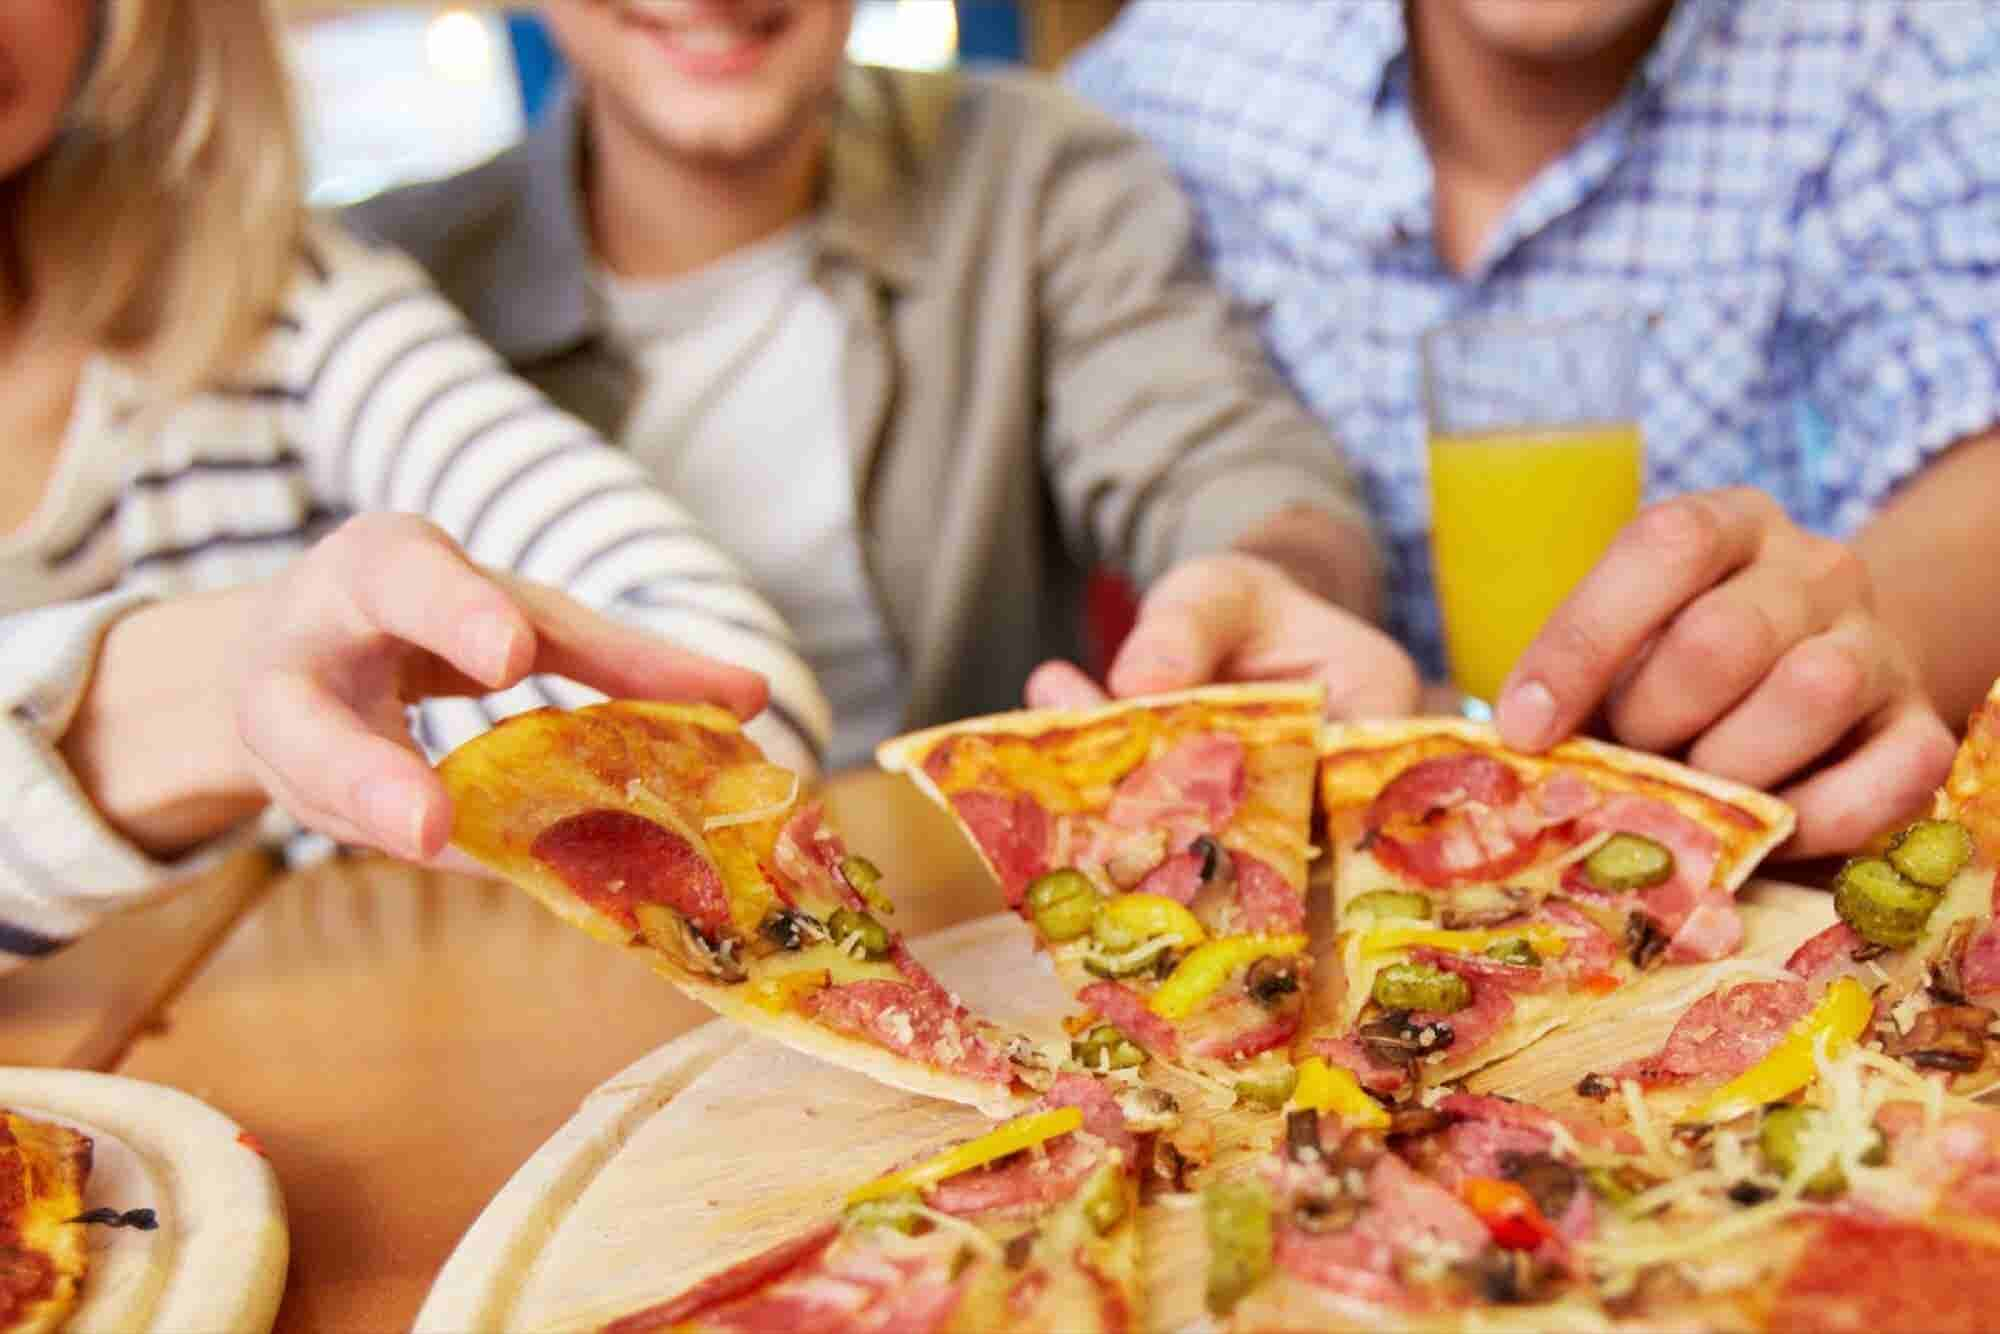 Comida con impacto social